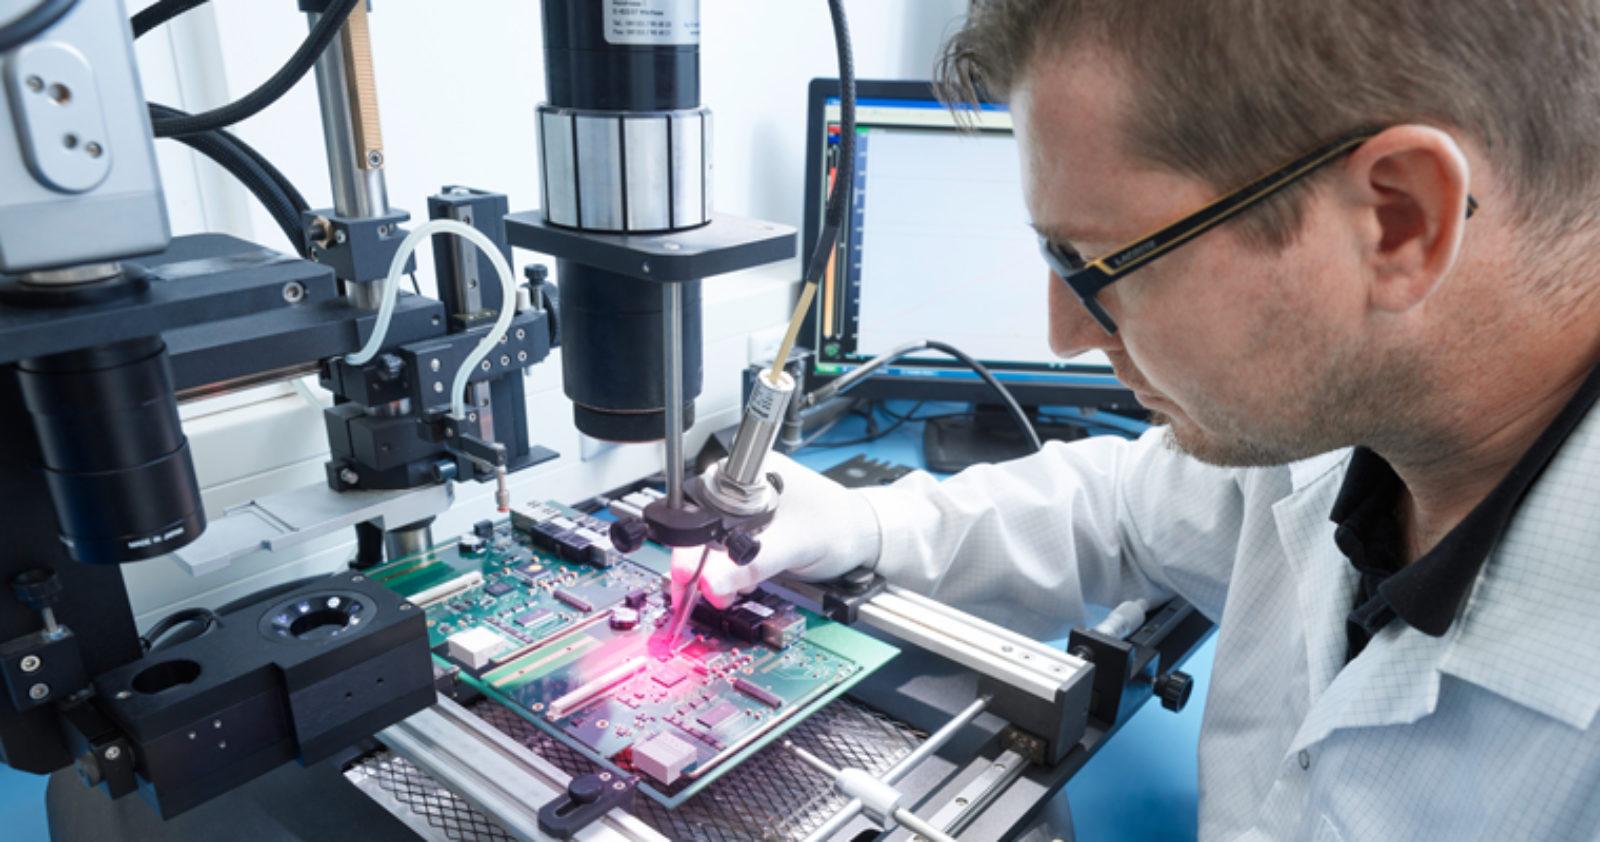 Der EMS-Dienstleisters technosert bietet umfassenden Reparatur-Service auch außerhalb der Gewährleistungsfristen.